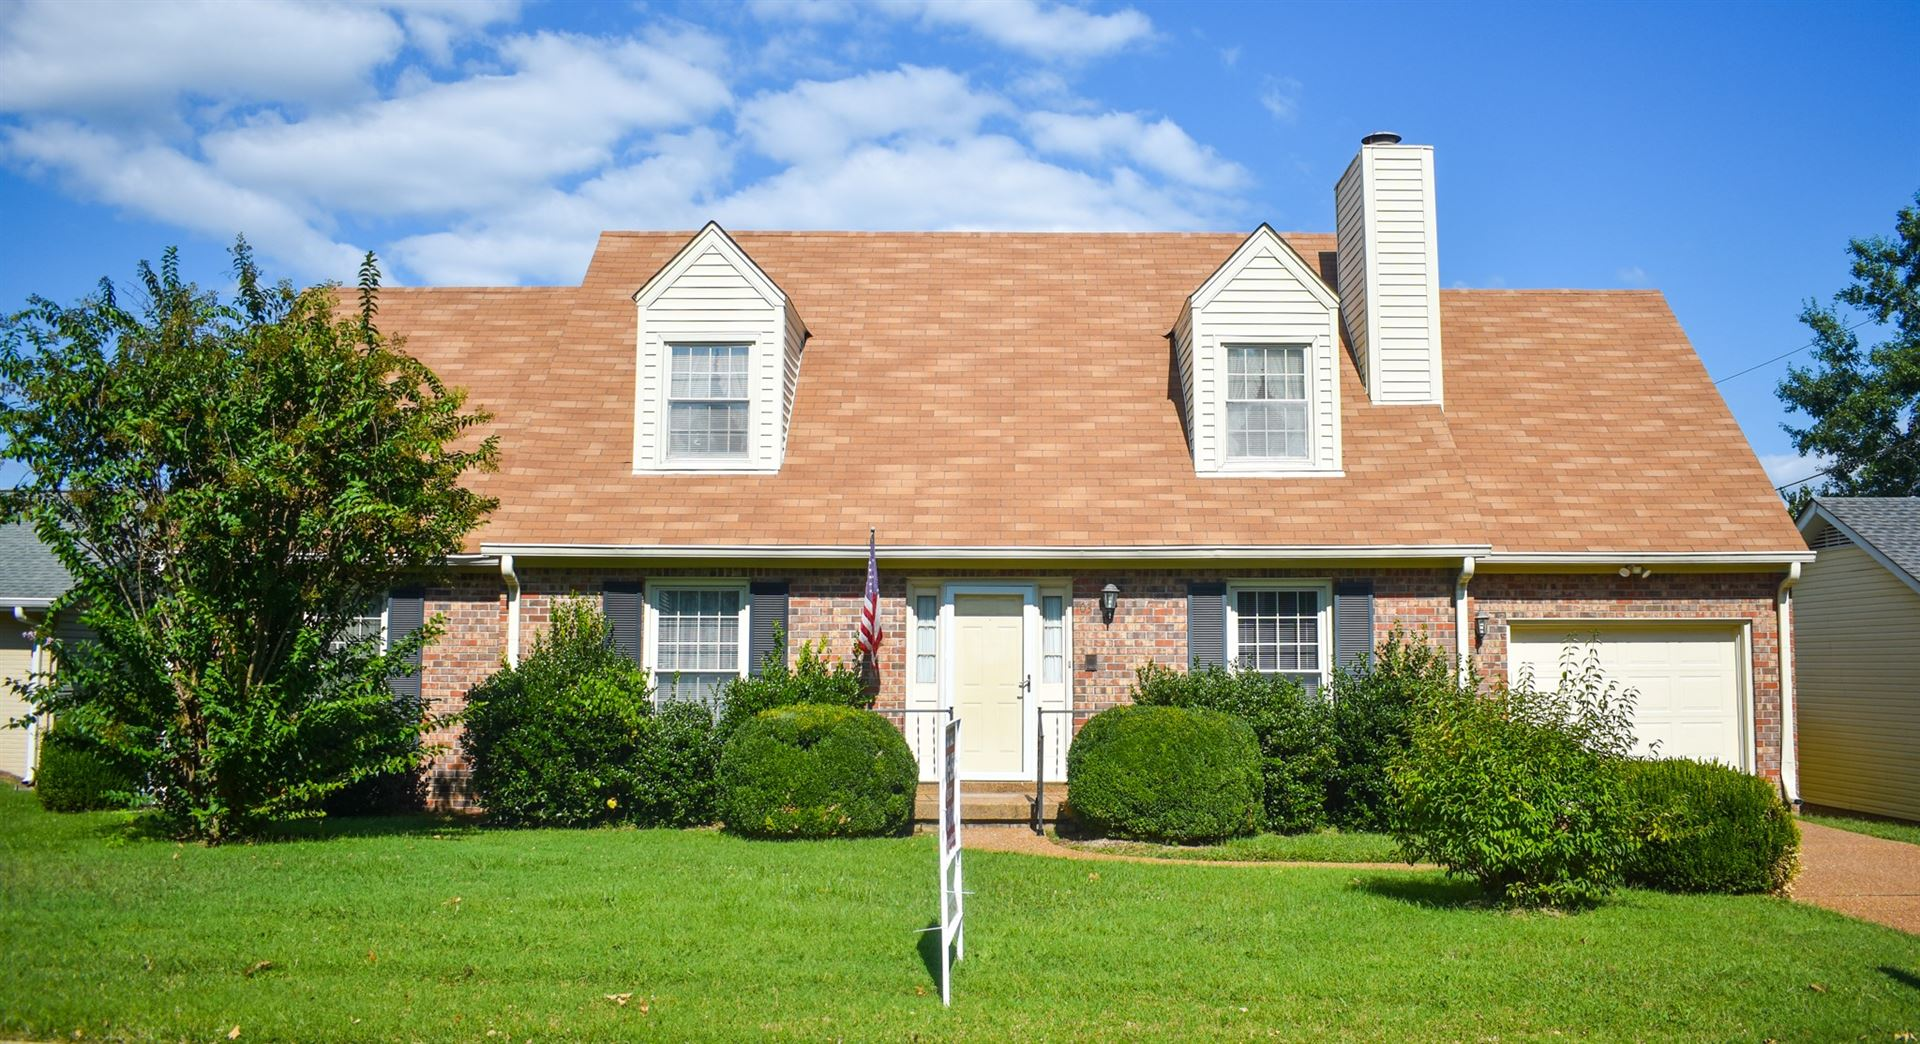 103 Maple Way S, Hendersonville, TN 37075 - MLS#: 2190597